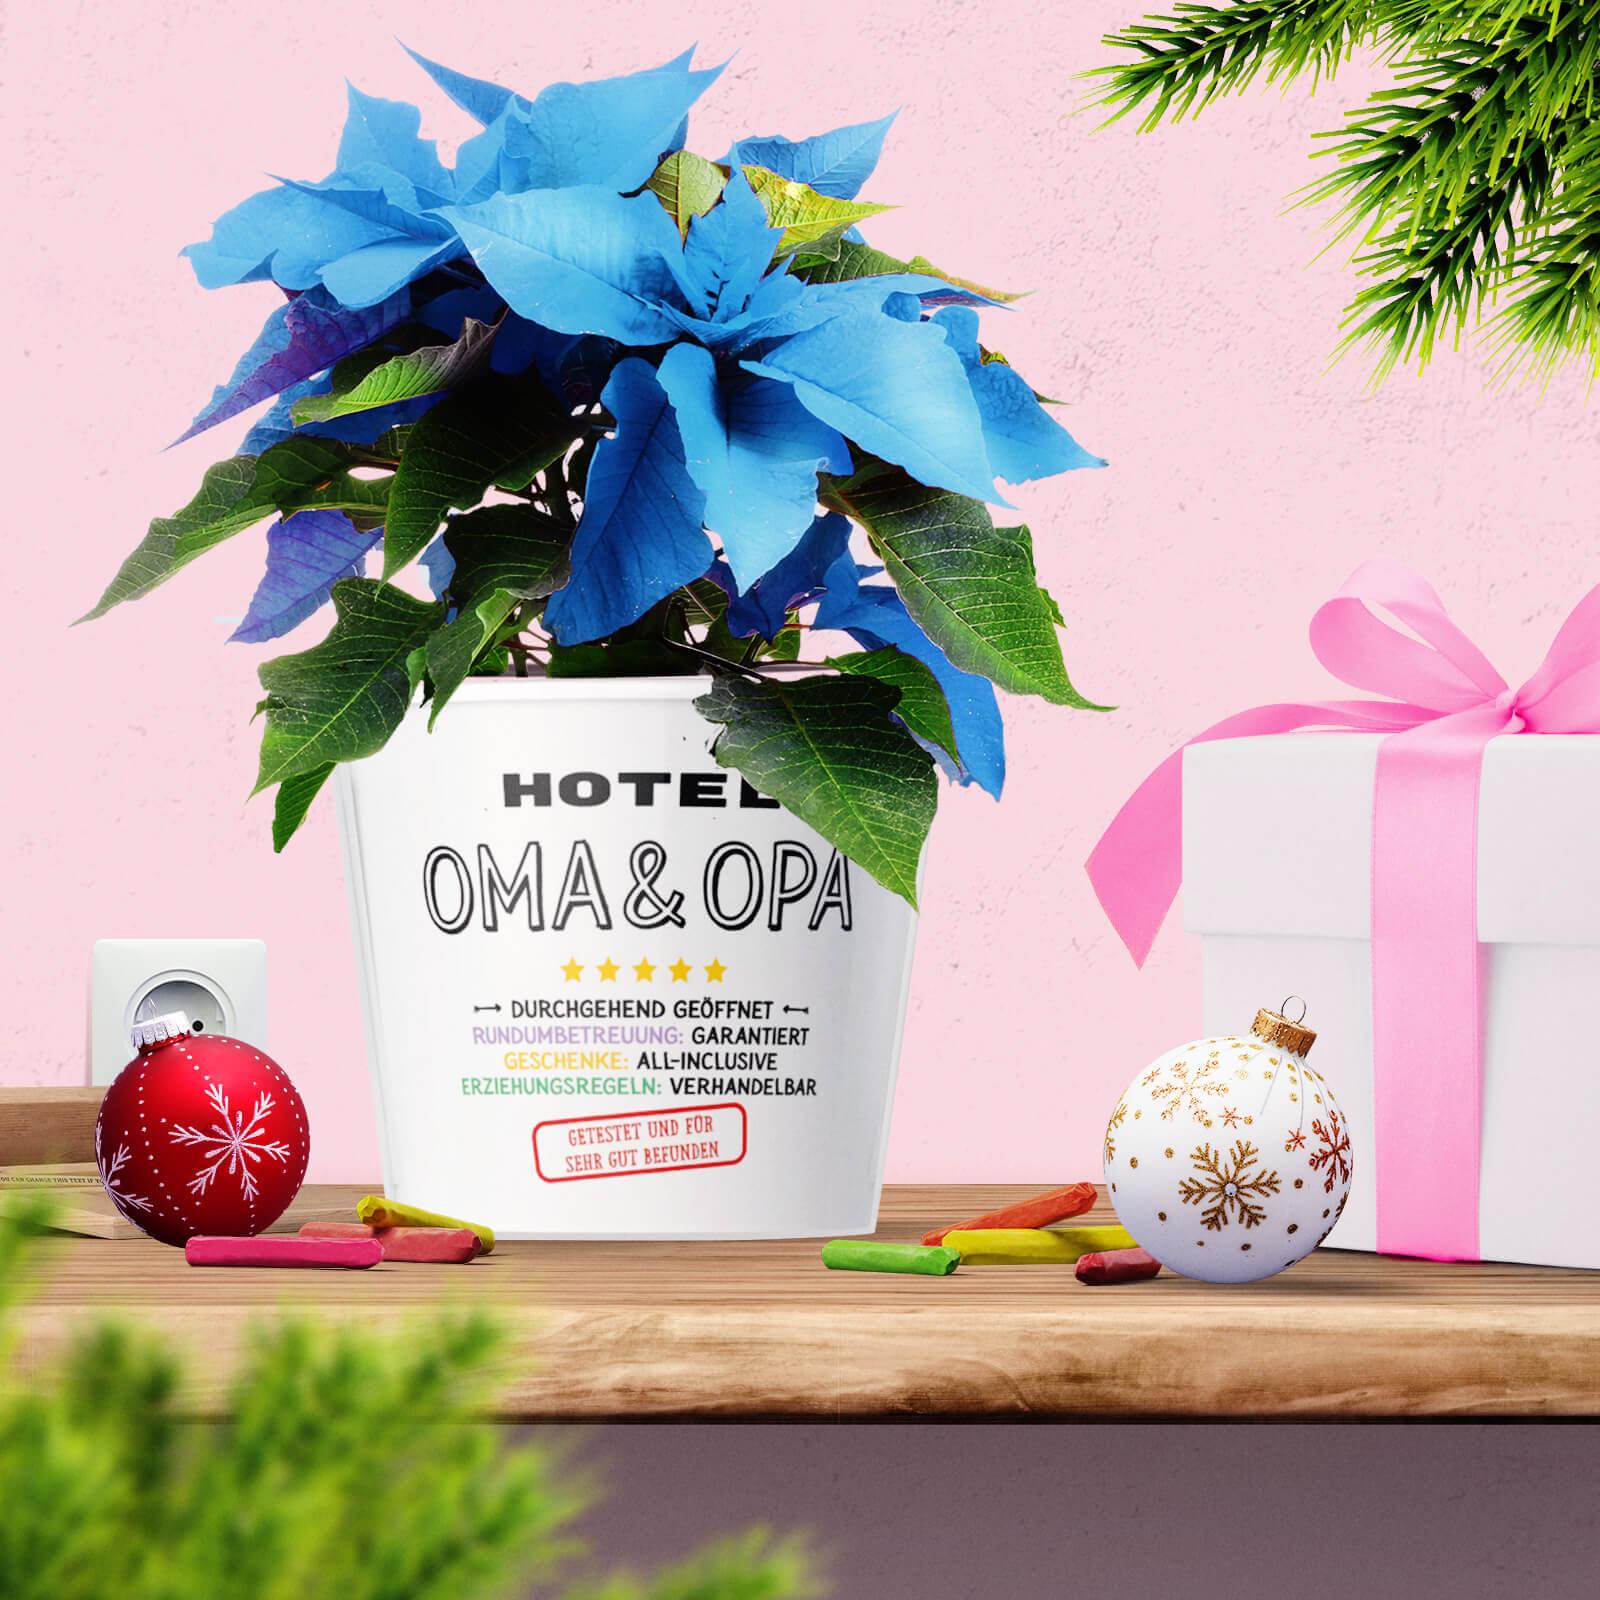 Hotel Oma und Opa: Lustiges Weihnachtsgeschenk für Großeltern